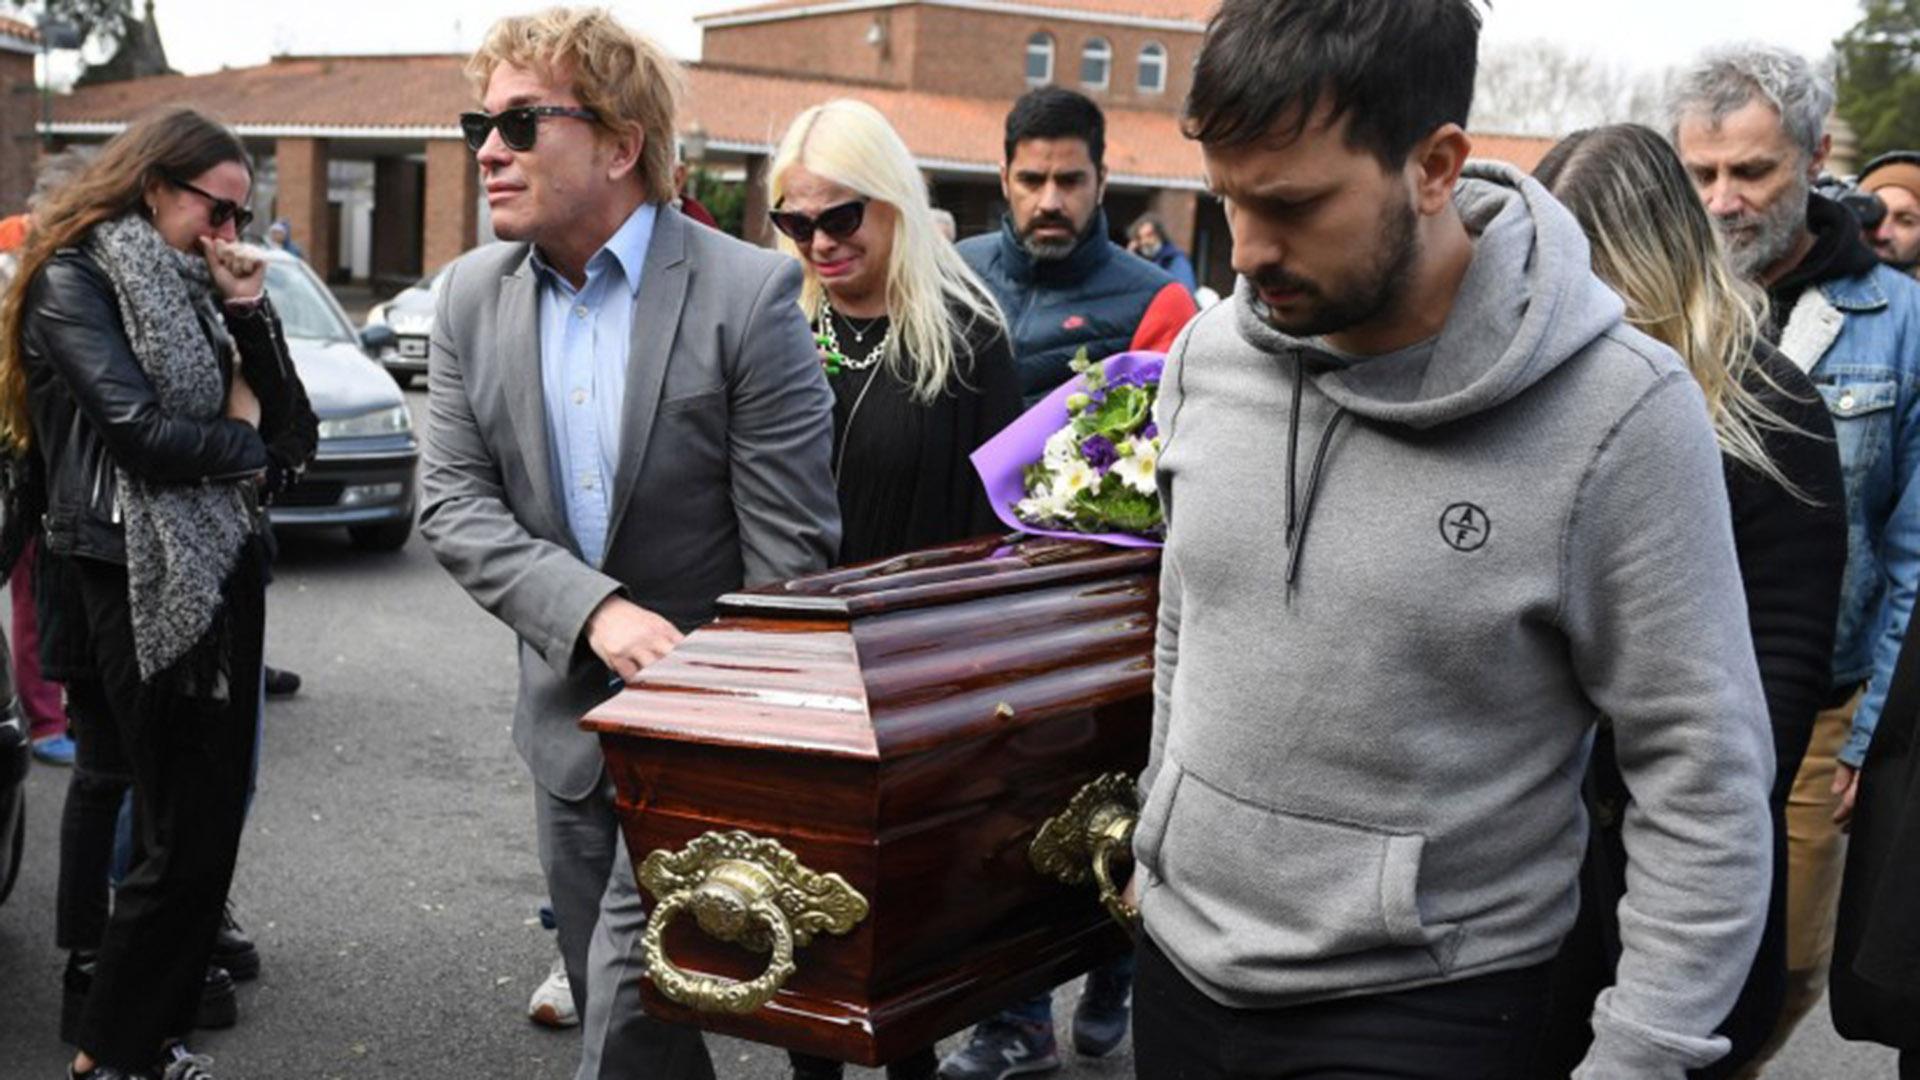 Atrás de Guido Suller, sus hermanos Silvia y Marcelo. Y un mismo dolor, en el entierro de su mamá, Nélida (Fotos: Maximiliano Luna y Darío Batallán)